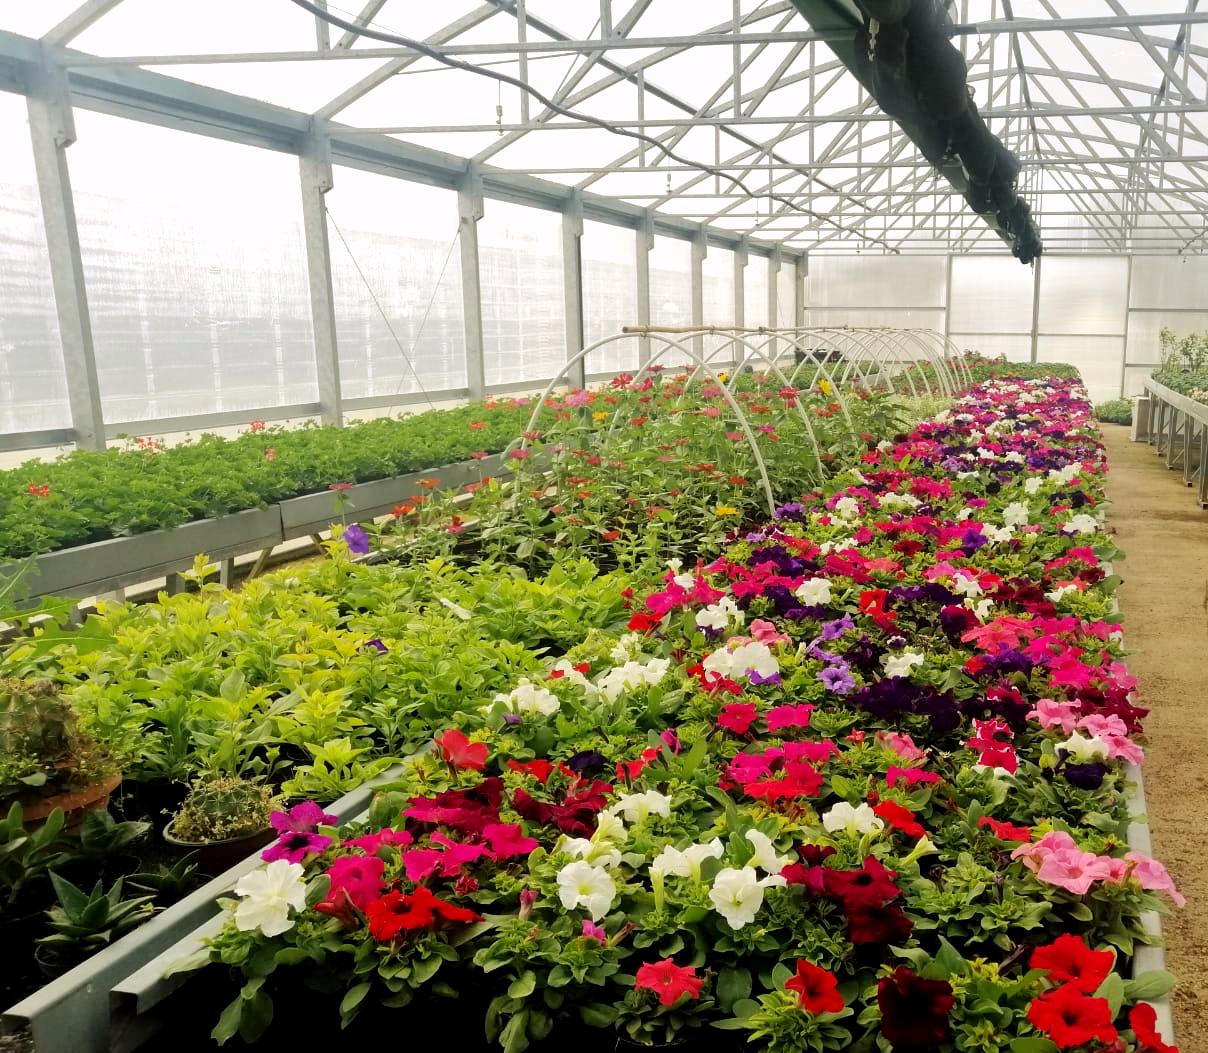 Al Serpieri è arrivata la primavera! Torna la vendita delle piante da fiore prodotte nell'istituto